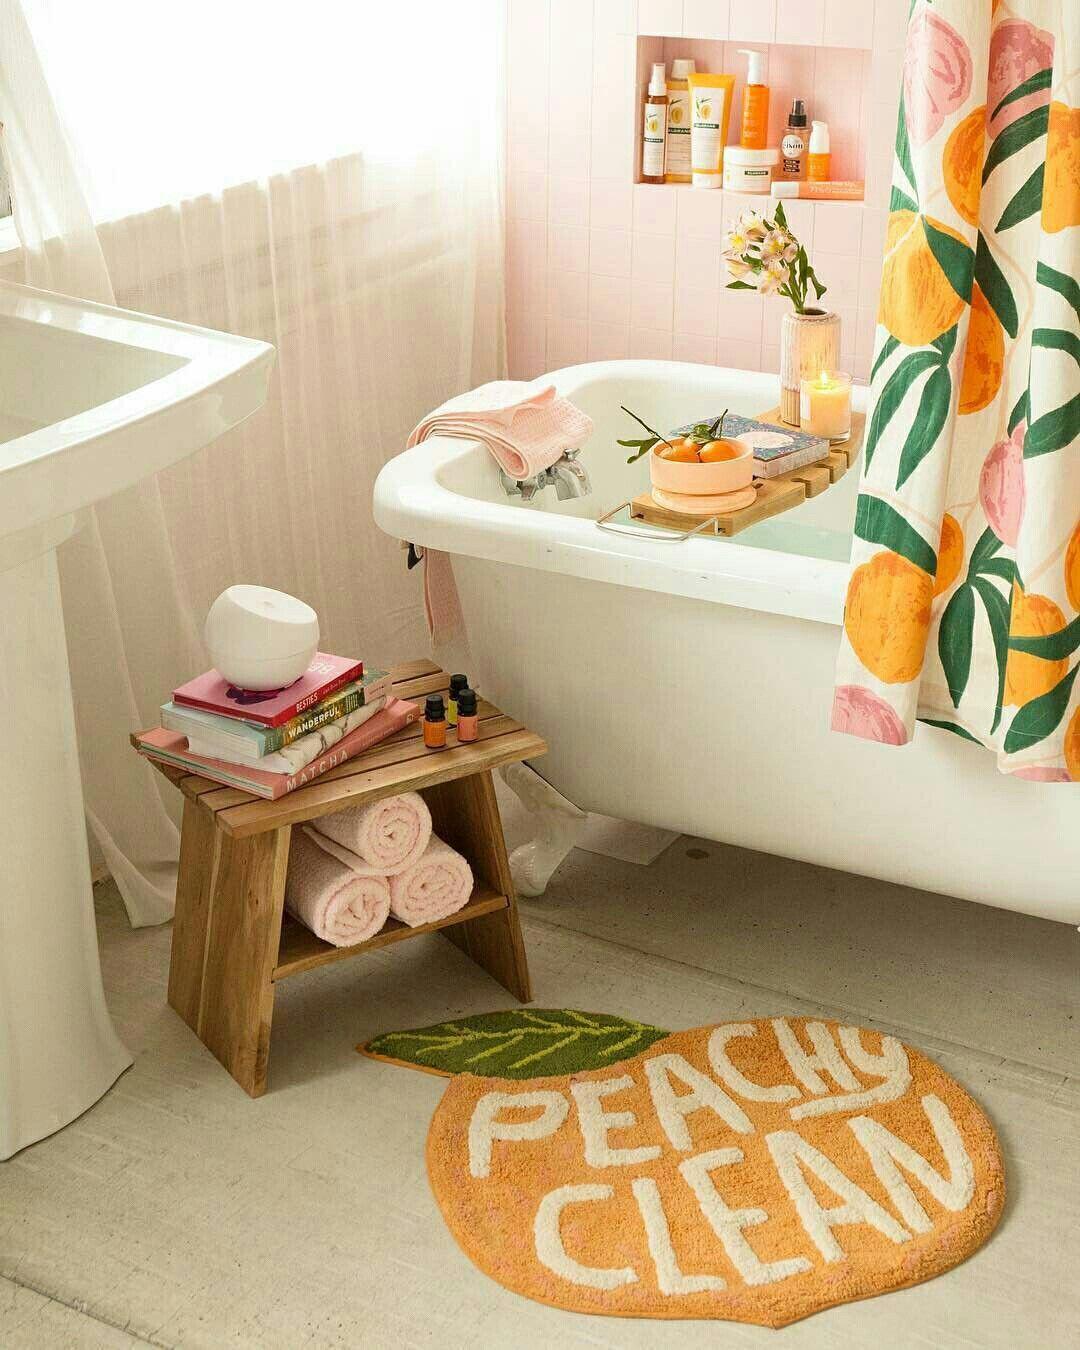 Banheiro Com Cortina Com Estampa De Pessegos Urbanoutfitters Banheiro Banheira Cortina Bathroom Themes Kids Bathroom Pink Walls [ 1350 x 1080 Pixel ]